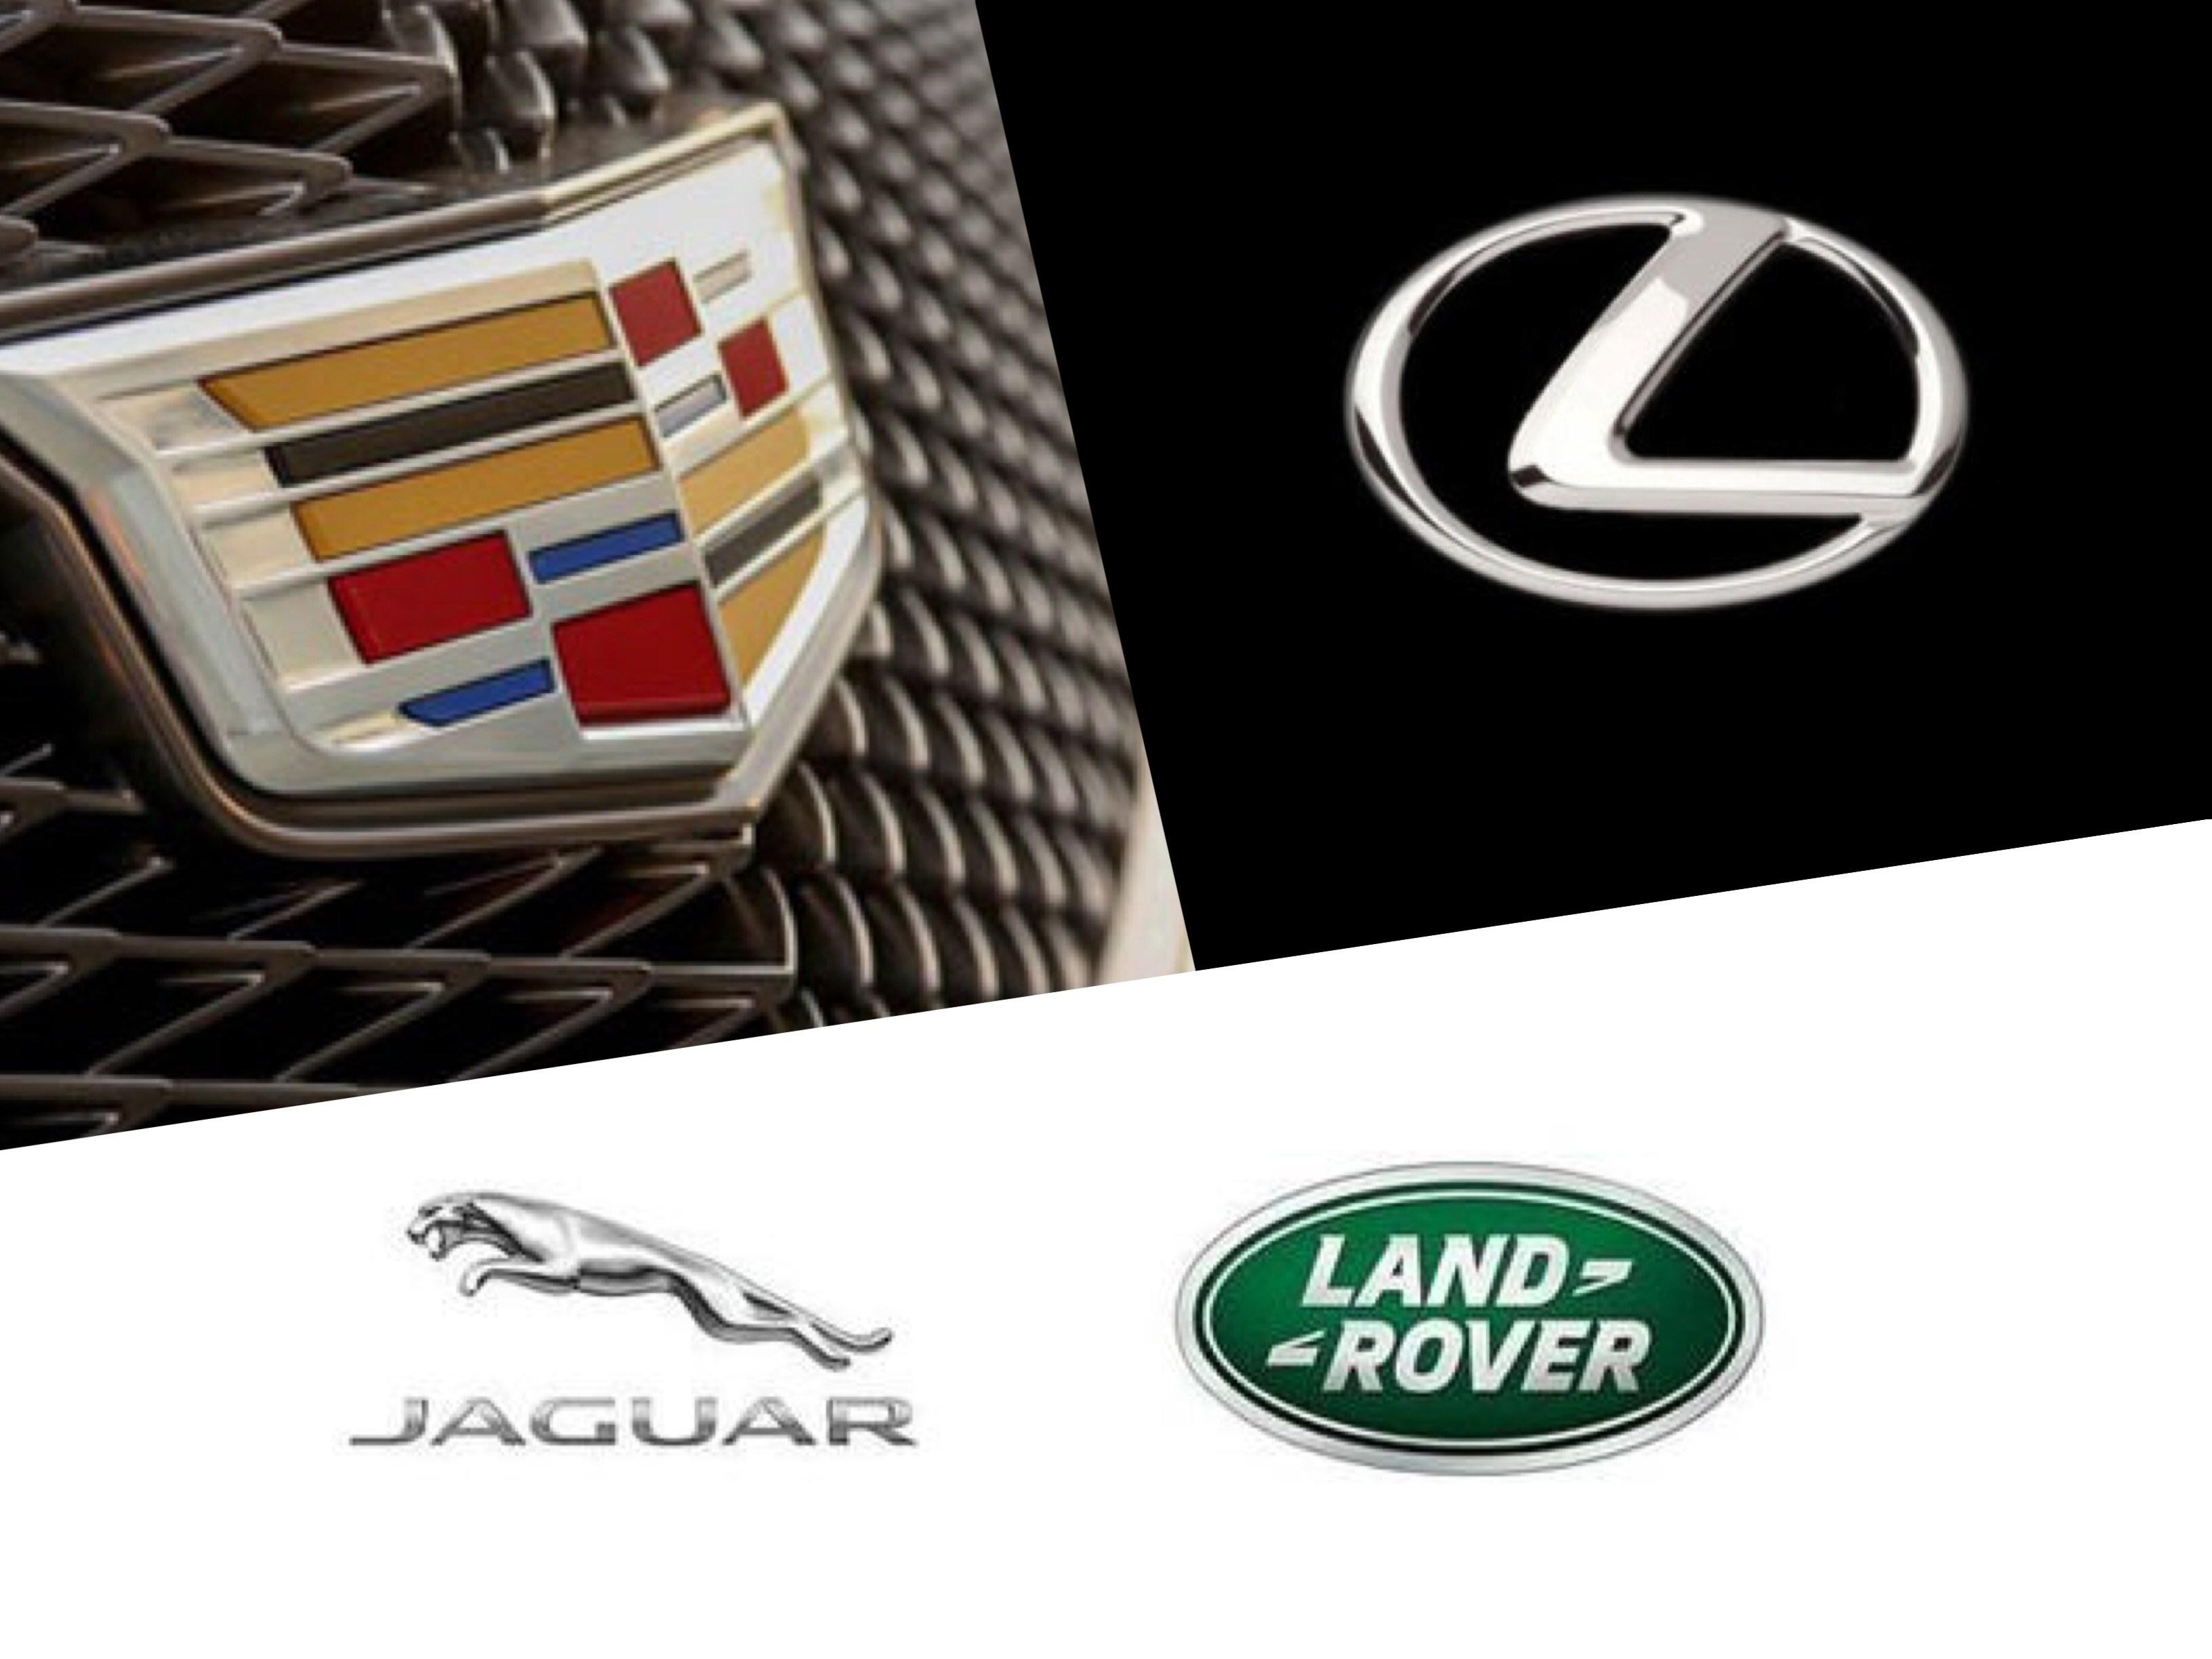 2016豪华车销量盘点 那些悬念有答案了吗